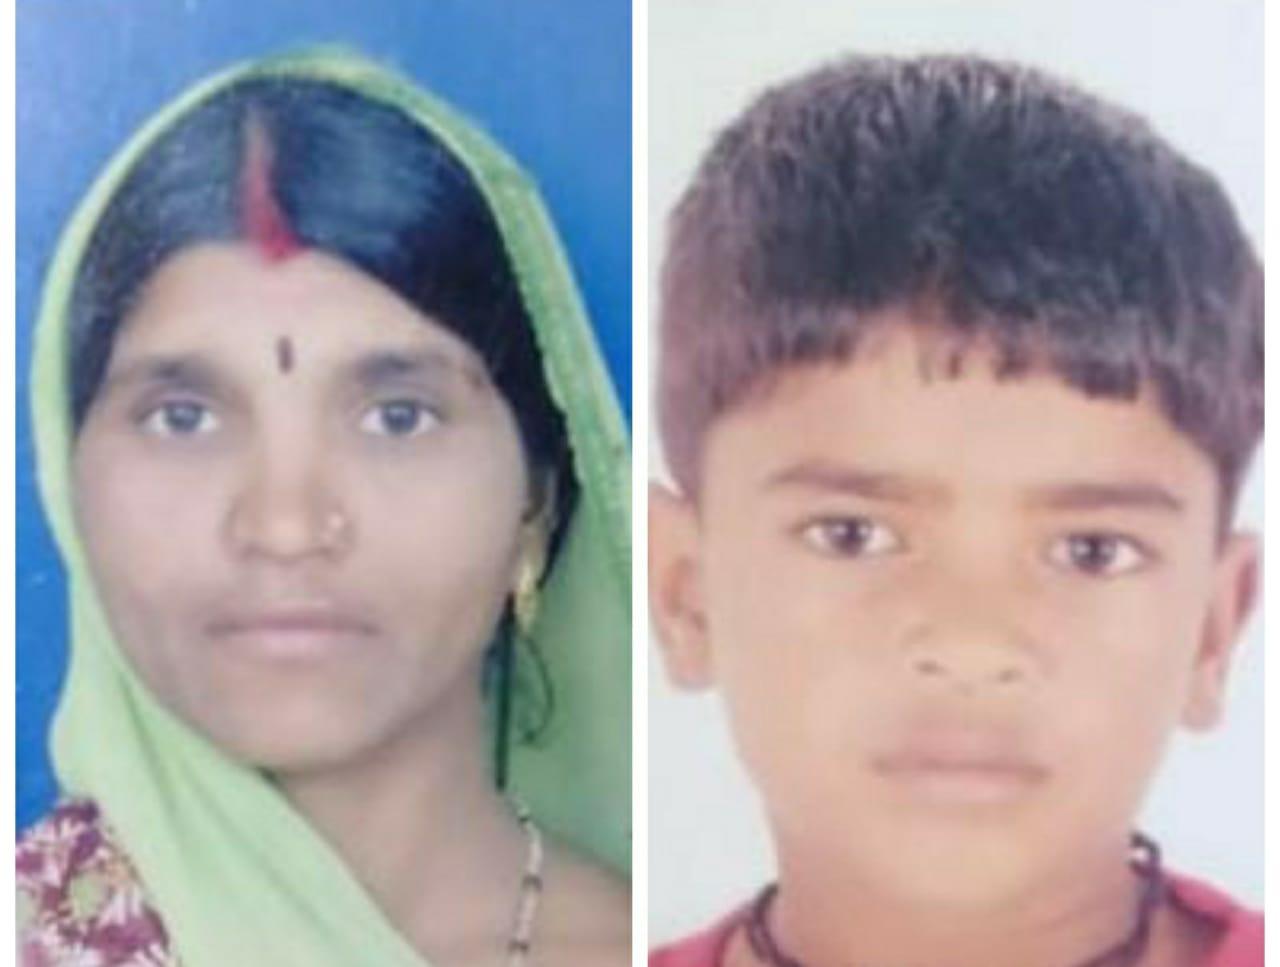 હળવદના રણછોડગઢ ગામની પરિણીતા પુત્ર સાથે ગુમ, પતિએ હળવદ પોલીસ મથકમાં ફરિયાદ નોંધાવી - Divya Bhaskar